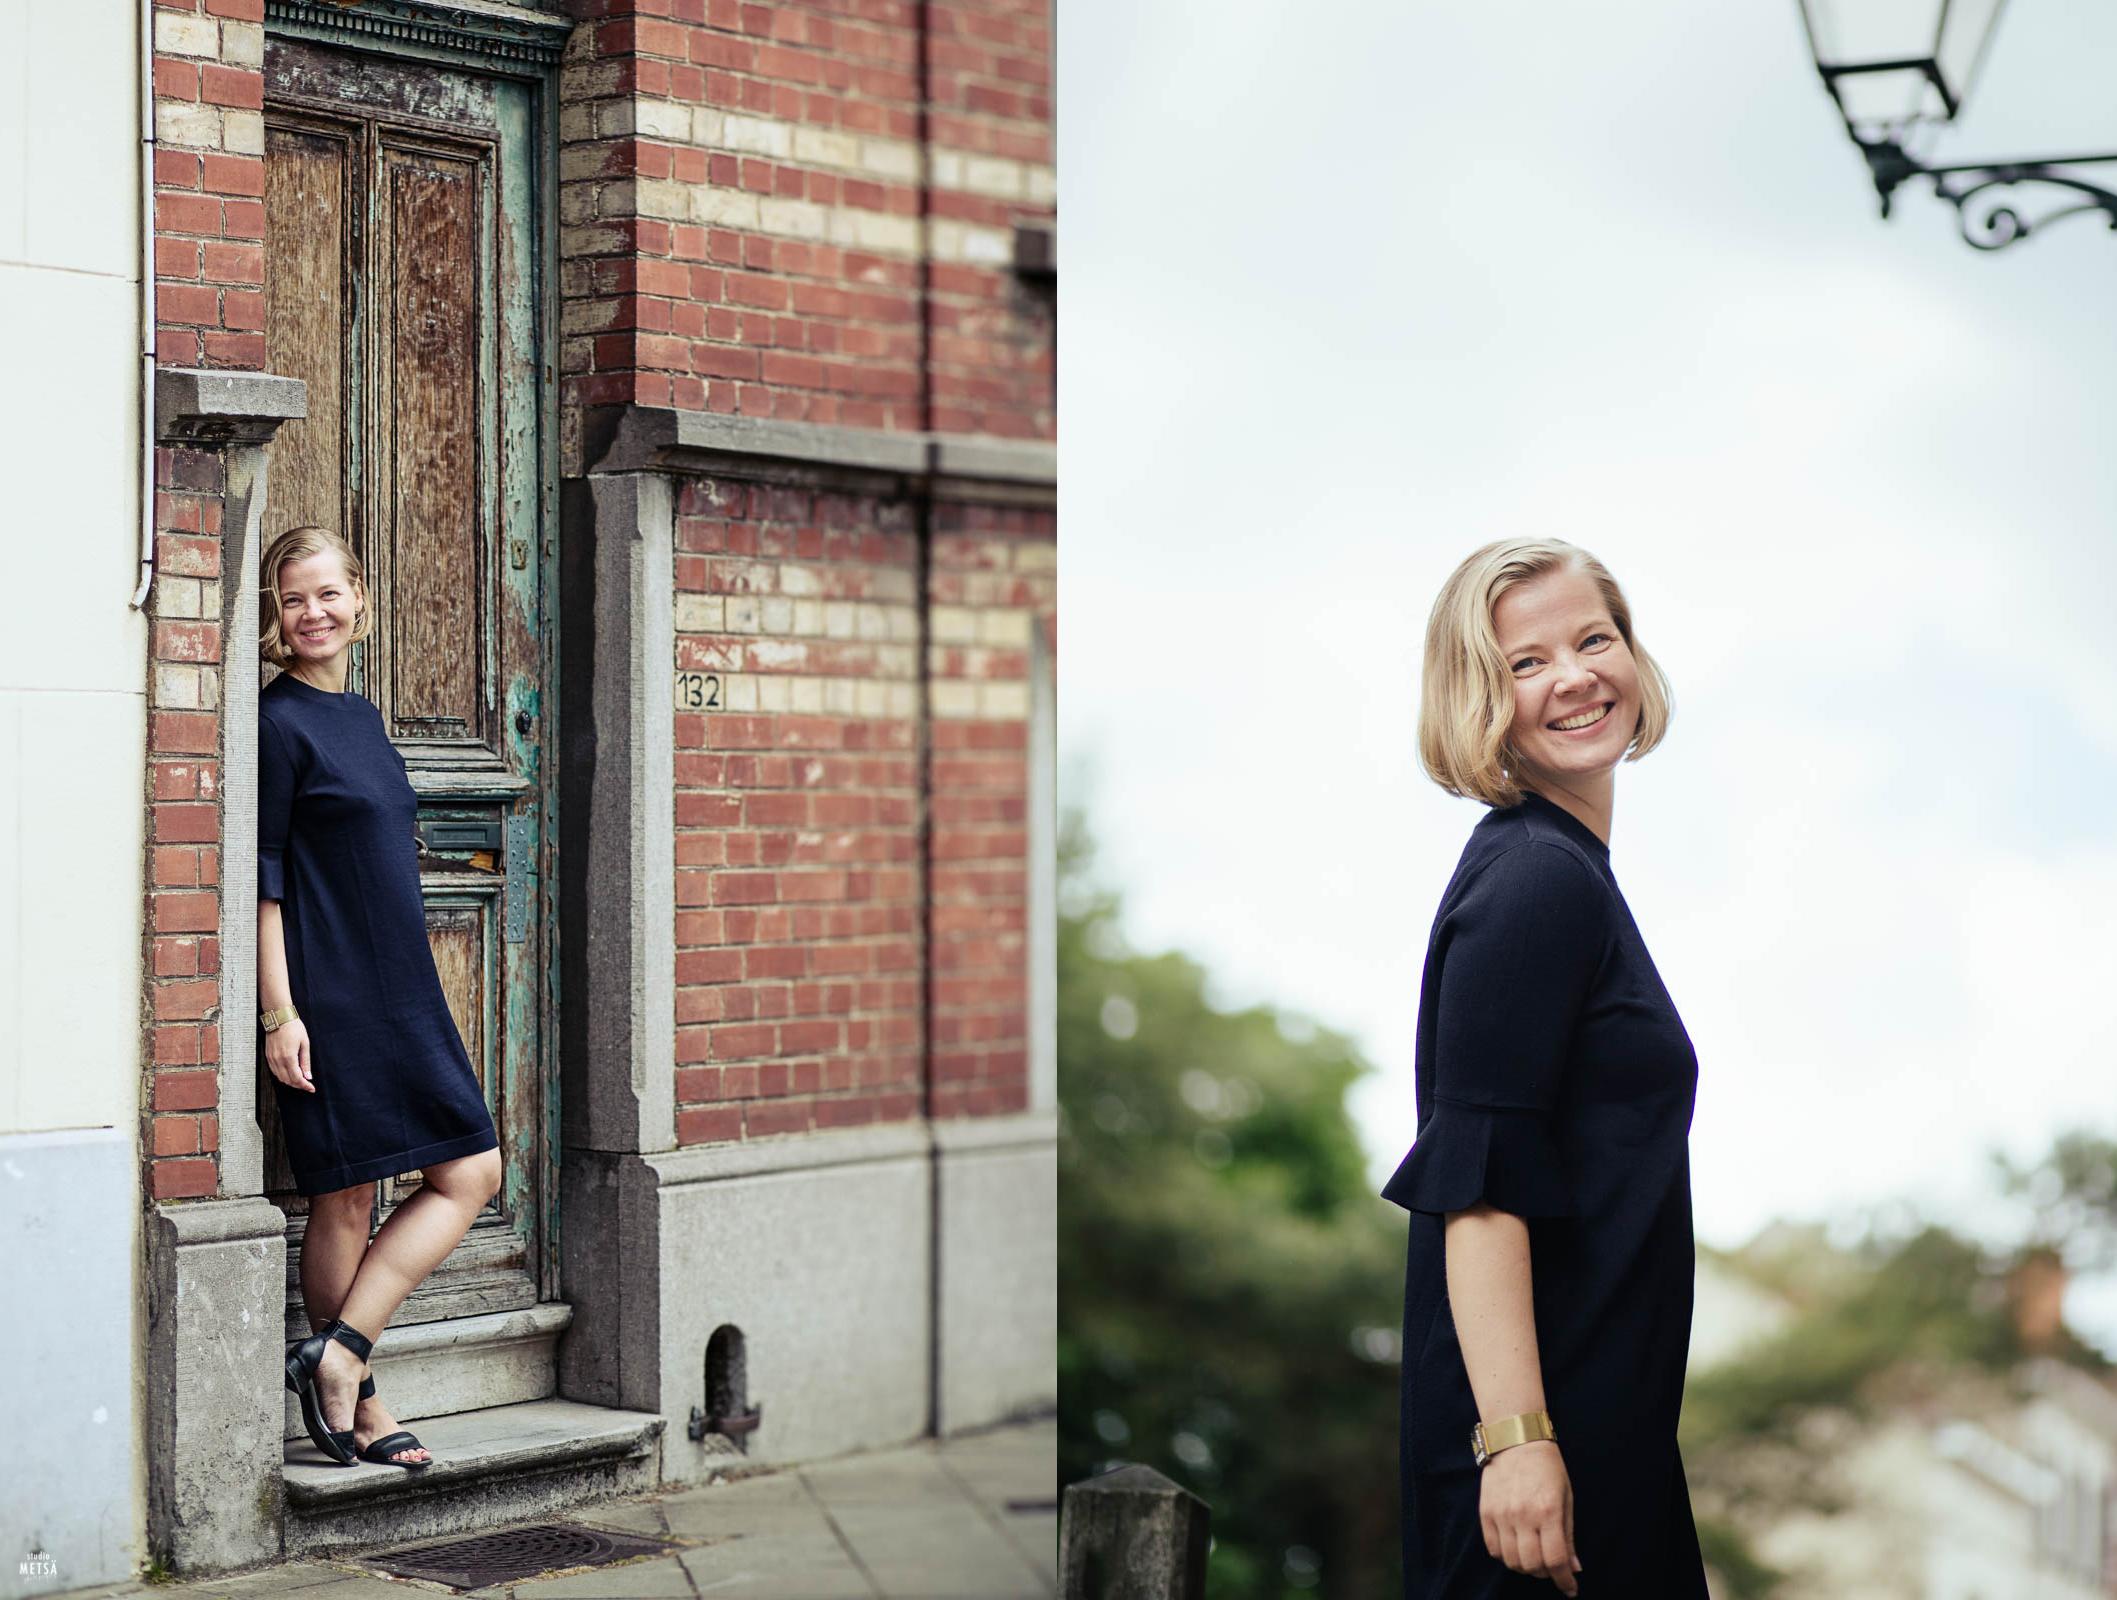 Miia Portrait Photography Studio Metsä